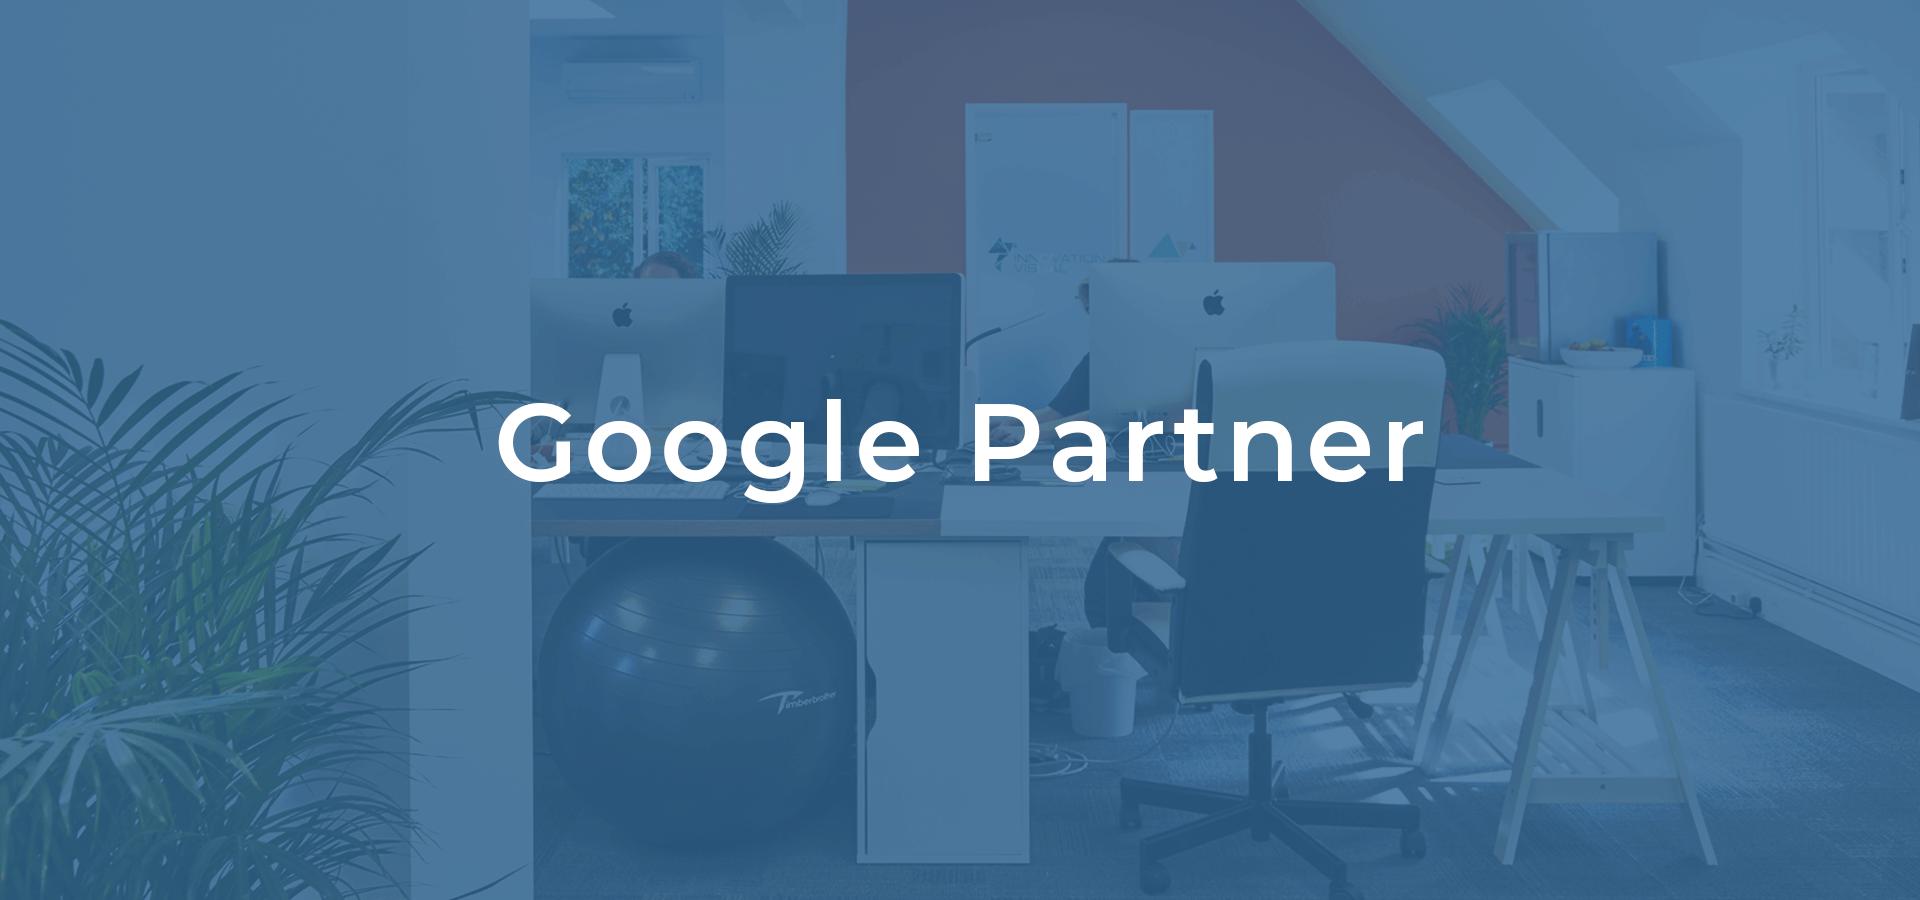 Innovation Visual Google Parnter